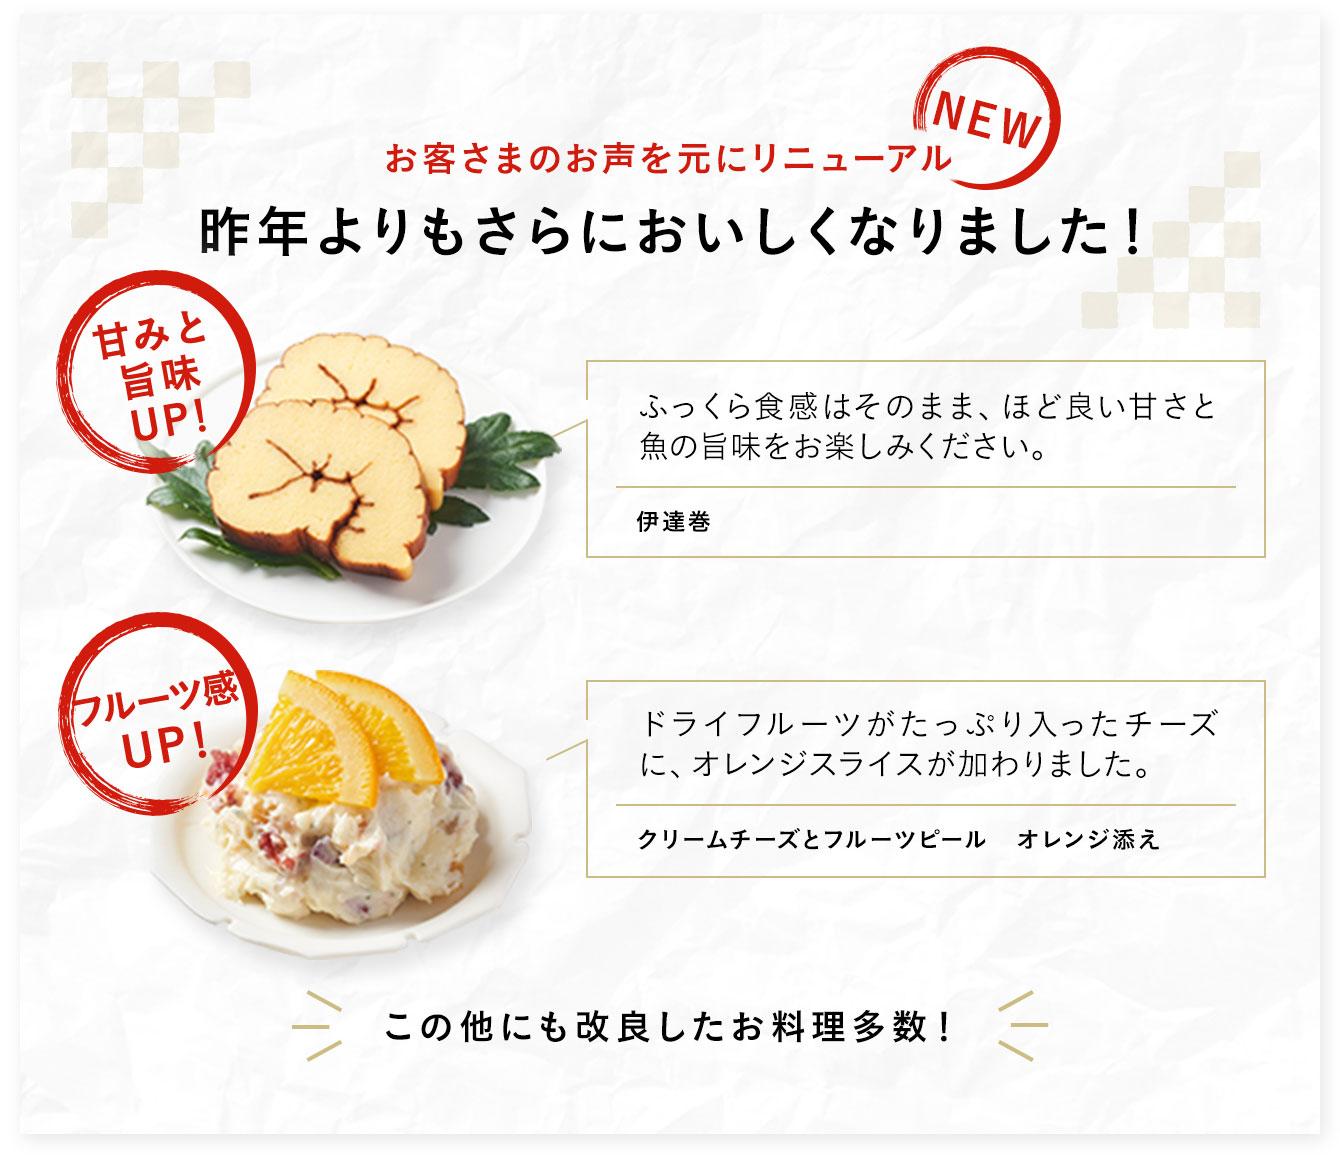 お客さまのお声を元にリニューアル 昨年よりもおいしくなりました!伊達巻・かれい西京焼・クリームチーズとフルーツピール オレンジ添え